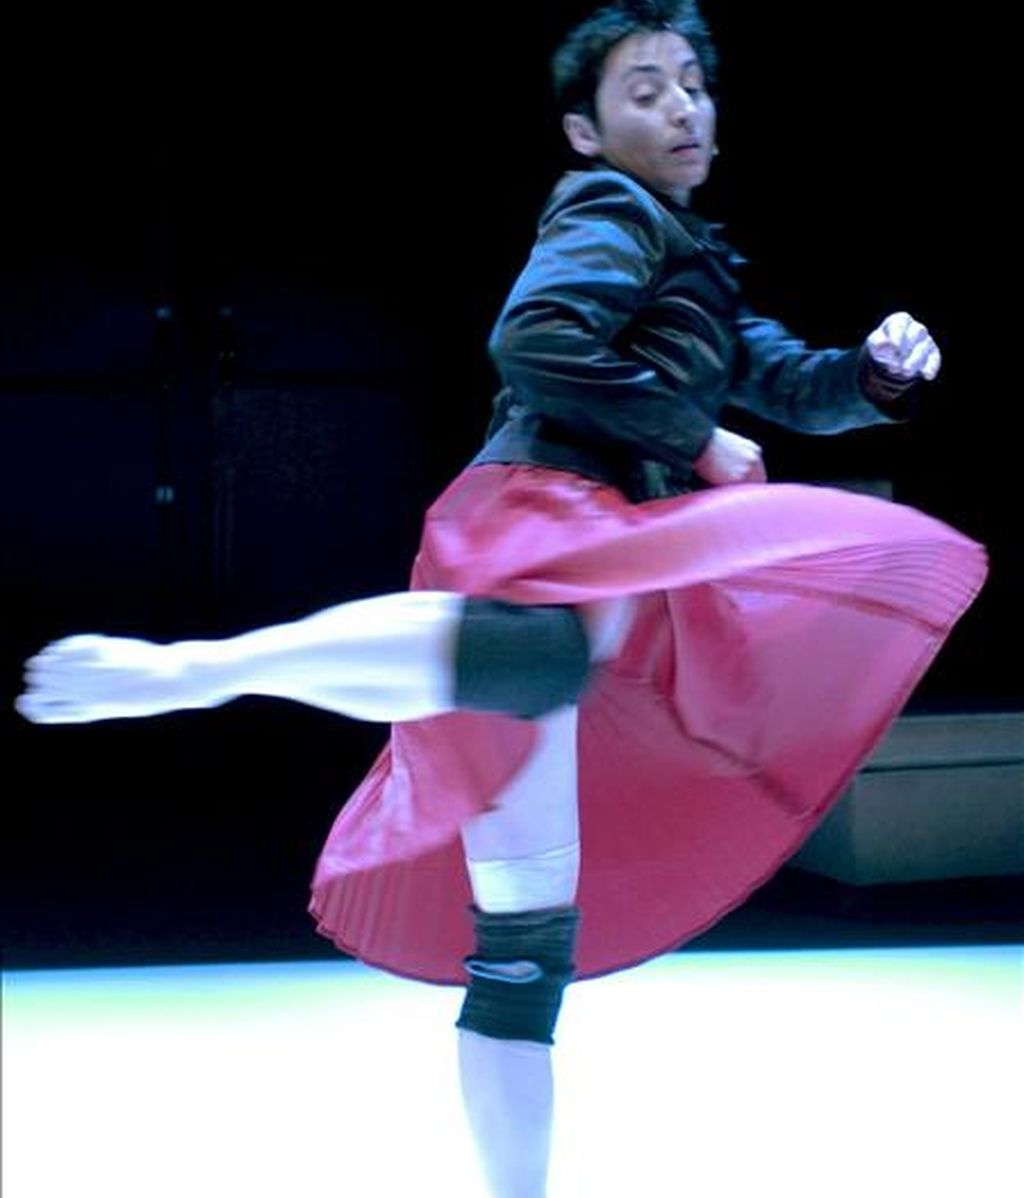 Foto de archivo de la bailarina, coreográfa e interprete, Angels Margarit que ha obtenido el Premio Nacional de Danza 2010 en la modalidad de Creación, que concede el Ministerio de Cultura y está dotado con 30.000 euros. El premio ha sido fallado hoy por un jurado presidido por Félix Palomero, director del Instituto Nacional de las Artes Escénicas y la Música (INAEM), organismo a través del cual se otorgan estos galardones. Del jurado del Premio Nacional de Danza han formado también parte el subdirector del INAEM, Antonio Garde, que ha actuado de vicepresidente; Ana Victoria Cabo, Omar Khan, Manuel Llanes, Julia Martín Alafont, Alfonso Ordóñez Maray, Pep Ramis, en representación de la compañía Mal Palo, y Lola Greco, ambos galardonados en 2009. EFE/Archivo